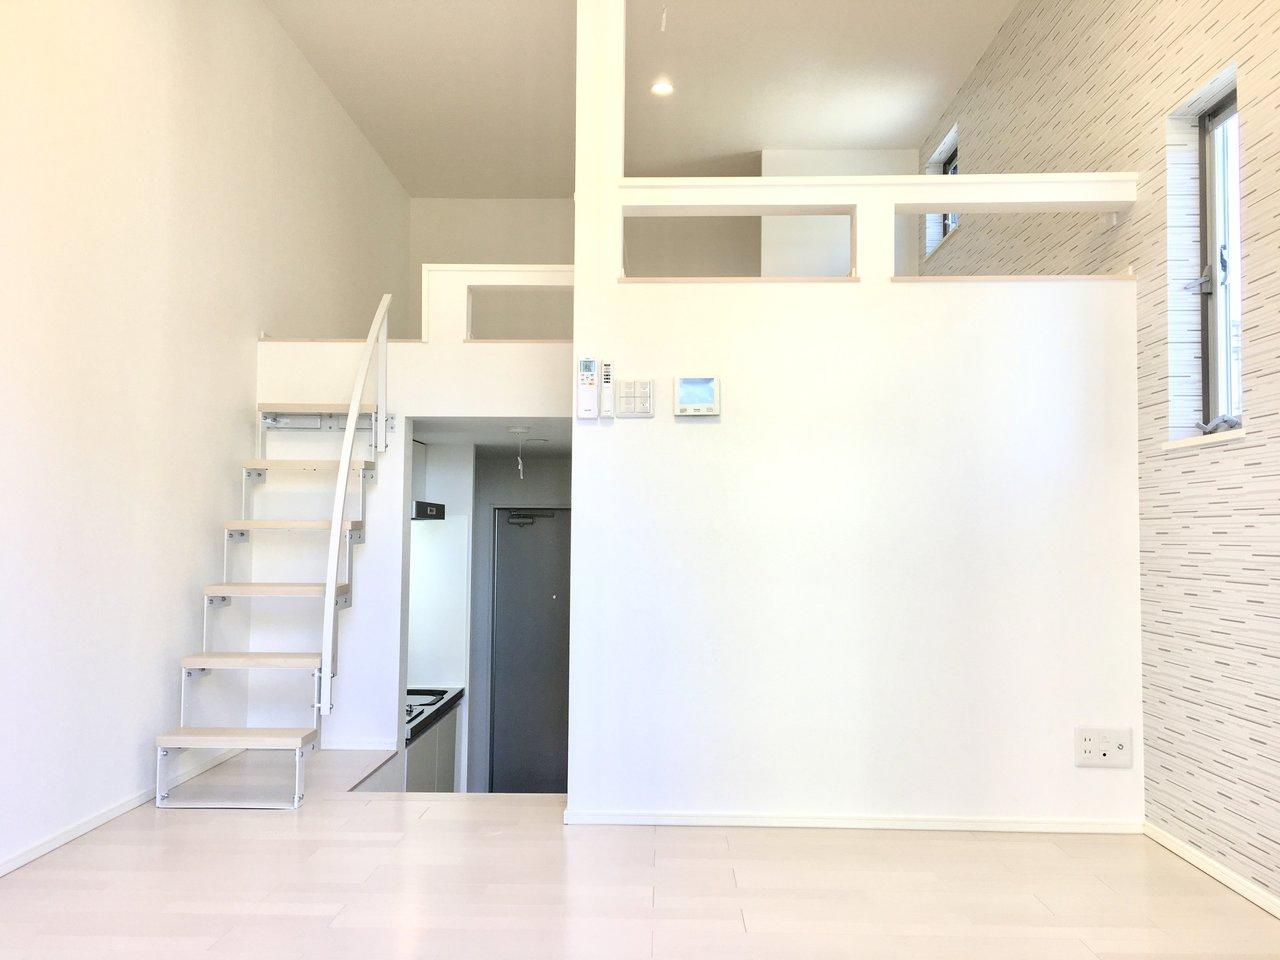 肝心のお部屋は1K・ロフト付きの間取りです。玄関を開け、キッチンを過ぎていくと小さな階段があり、そこに6.5畳のリビングが広がっています。ロフトがあるため、天井が高く、開放的な雰囲気のお部屋です。